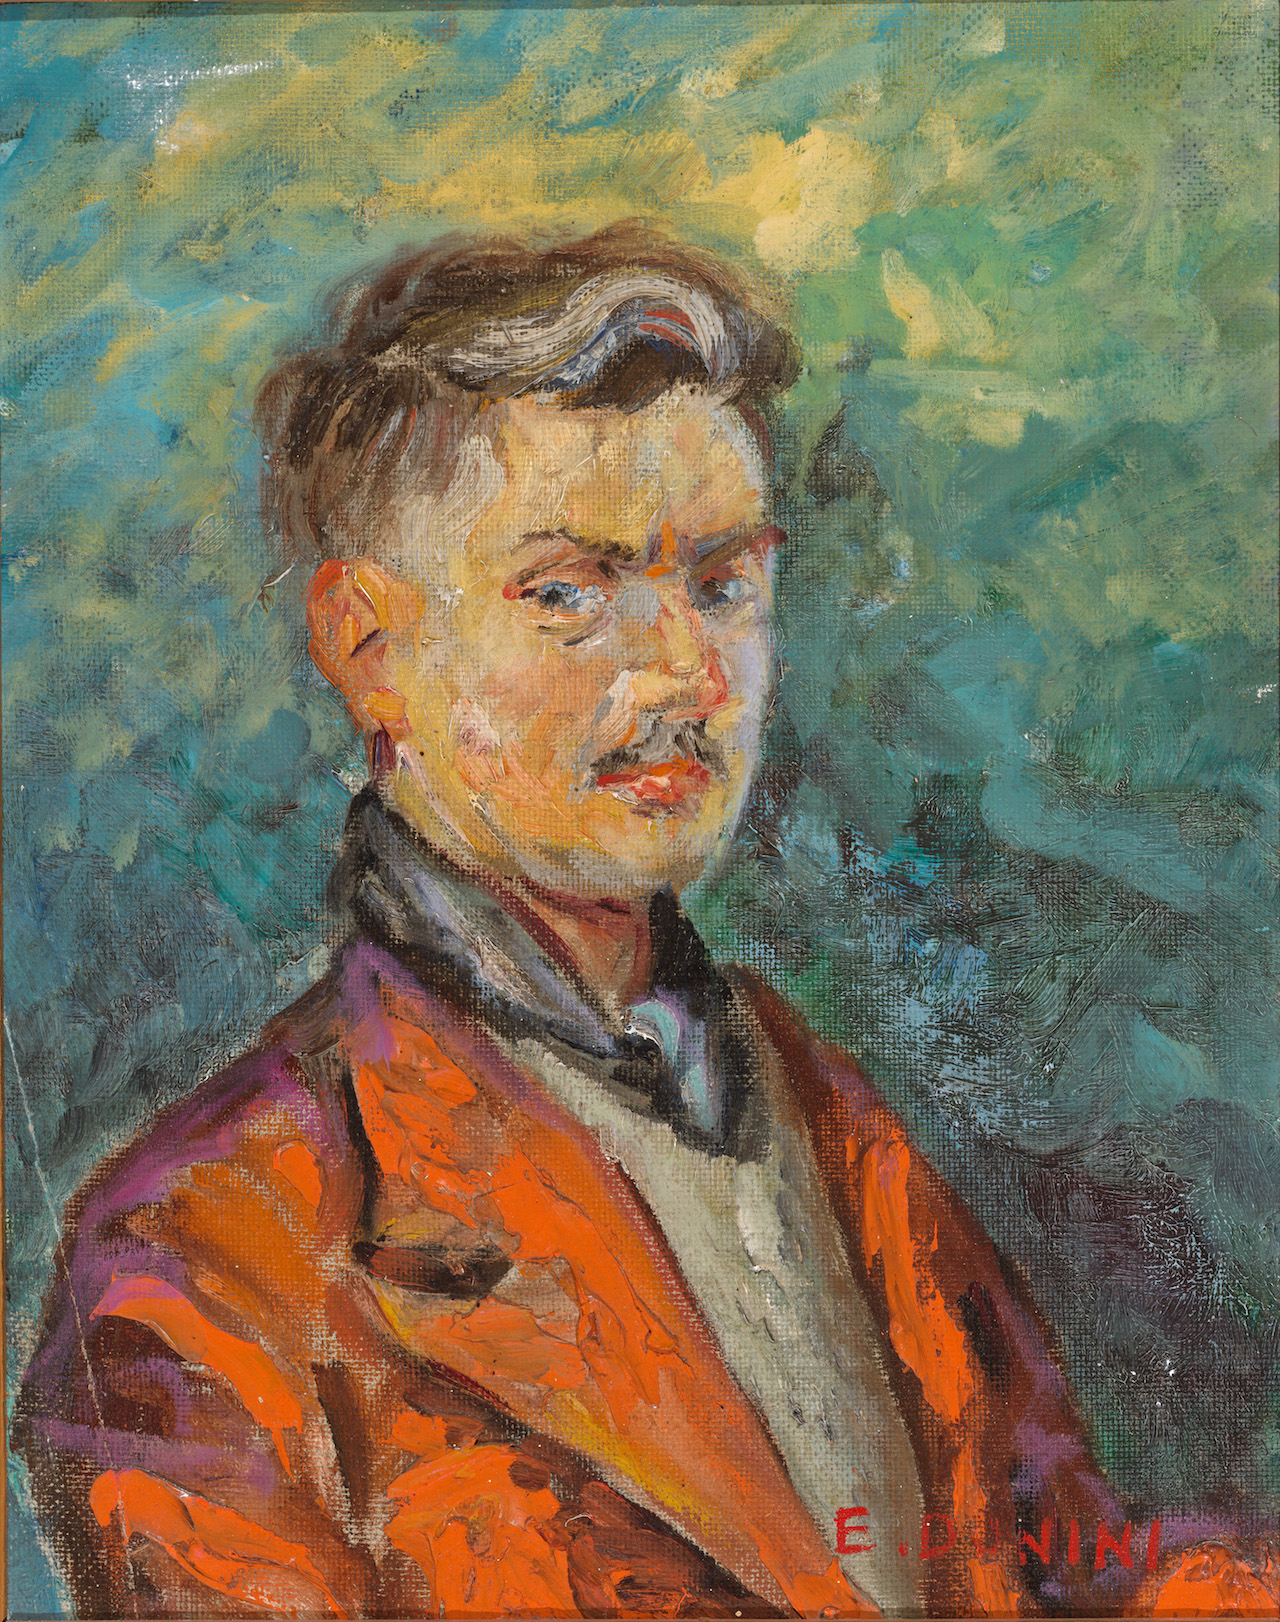 Autoritratto, 1953, 33x41 cm